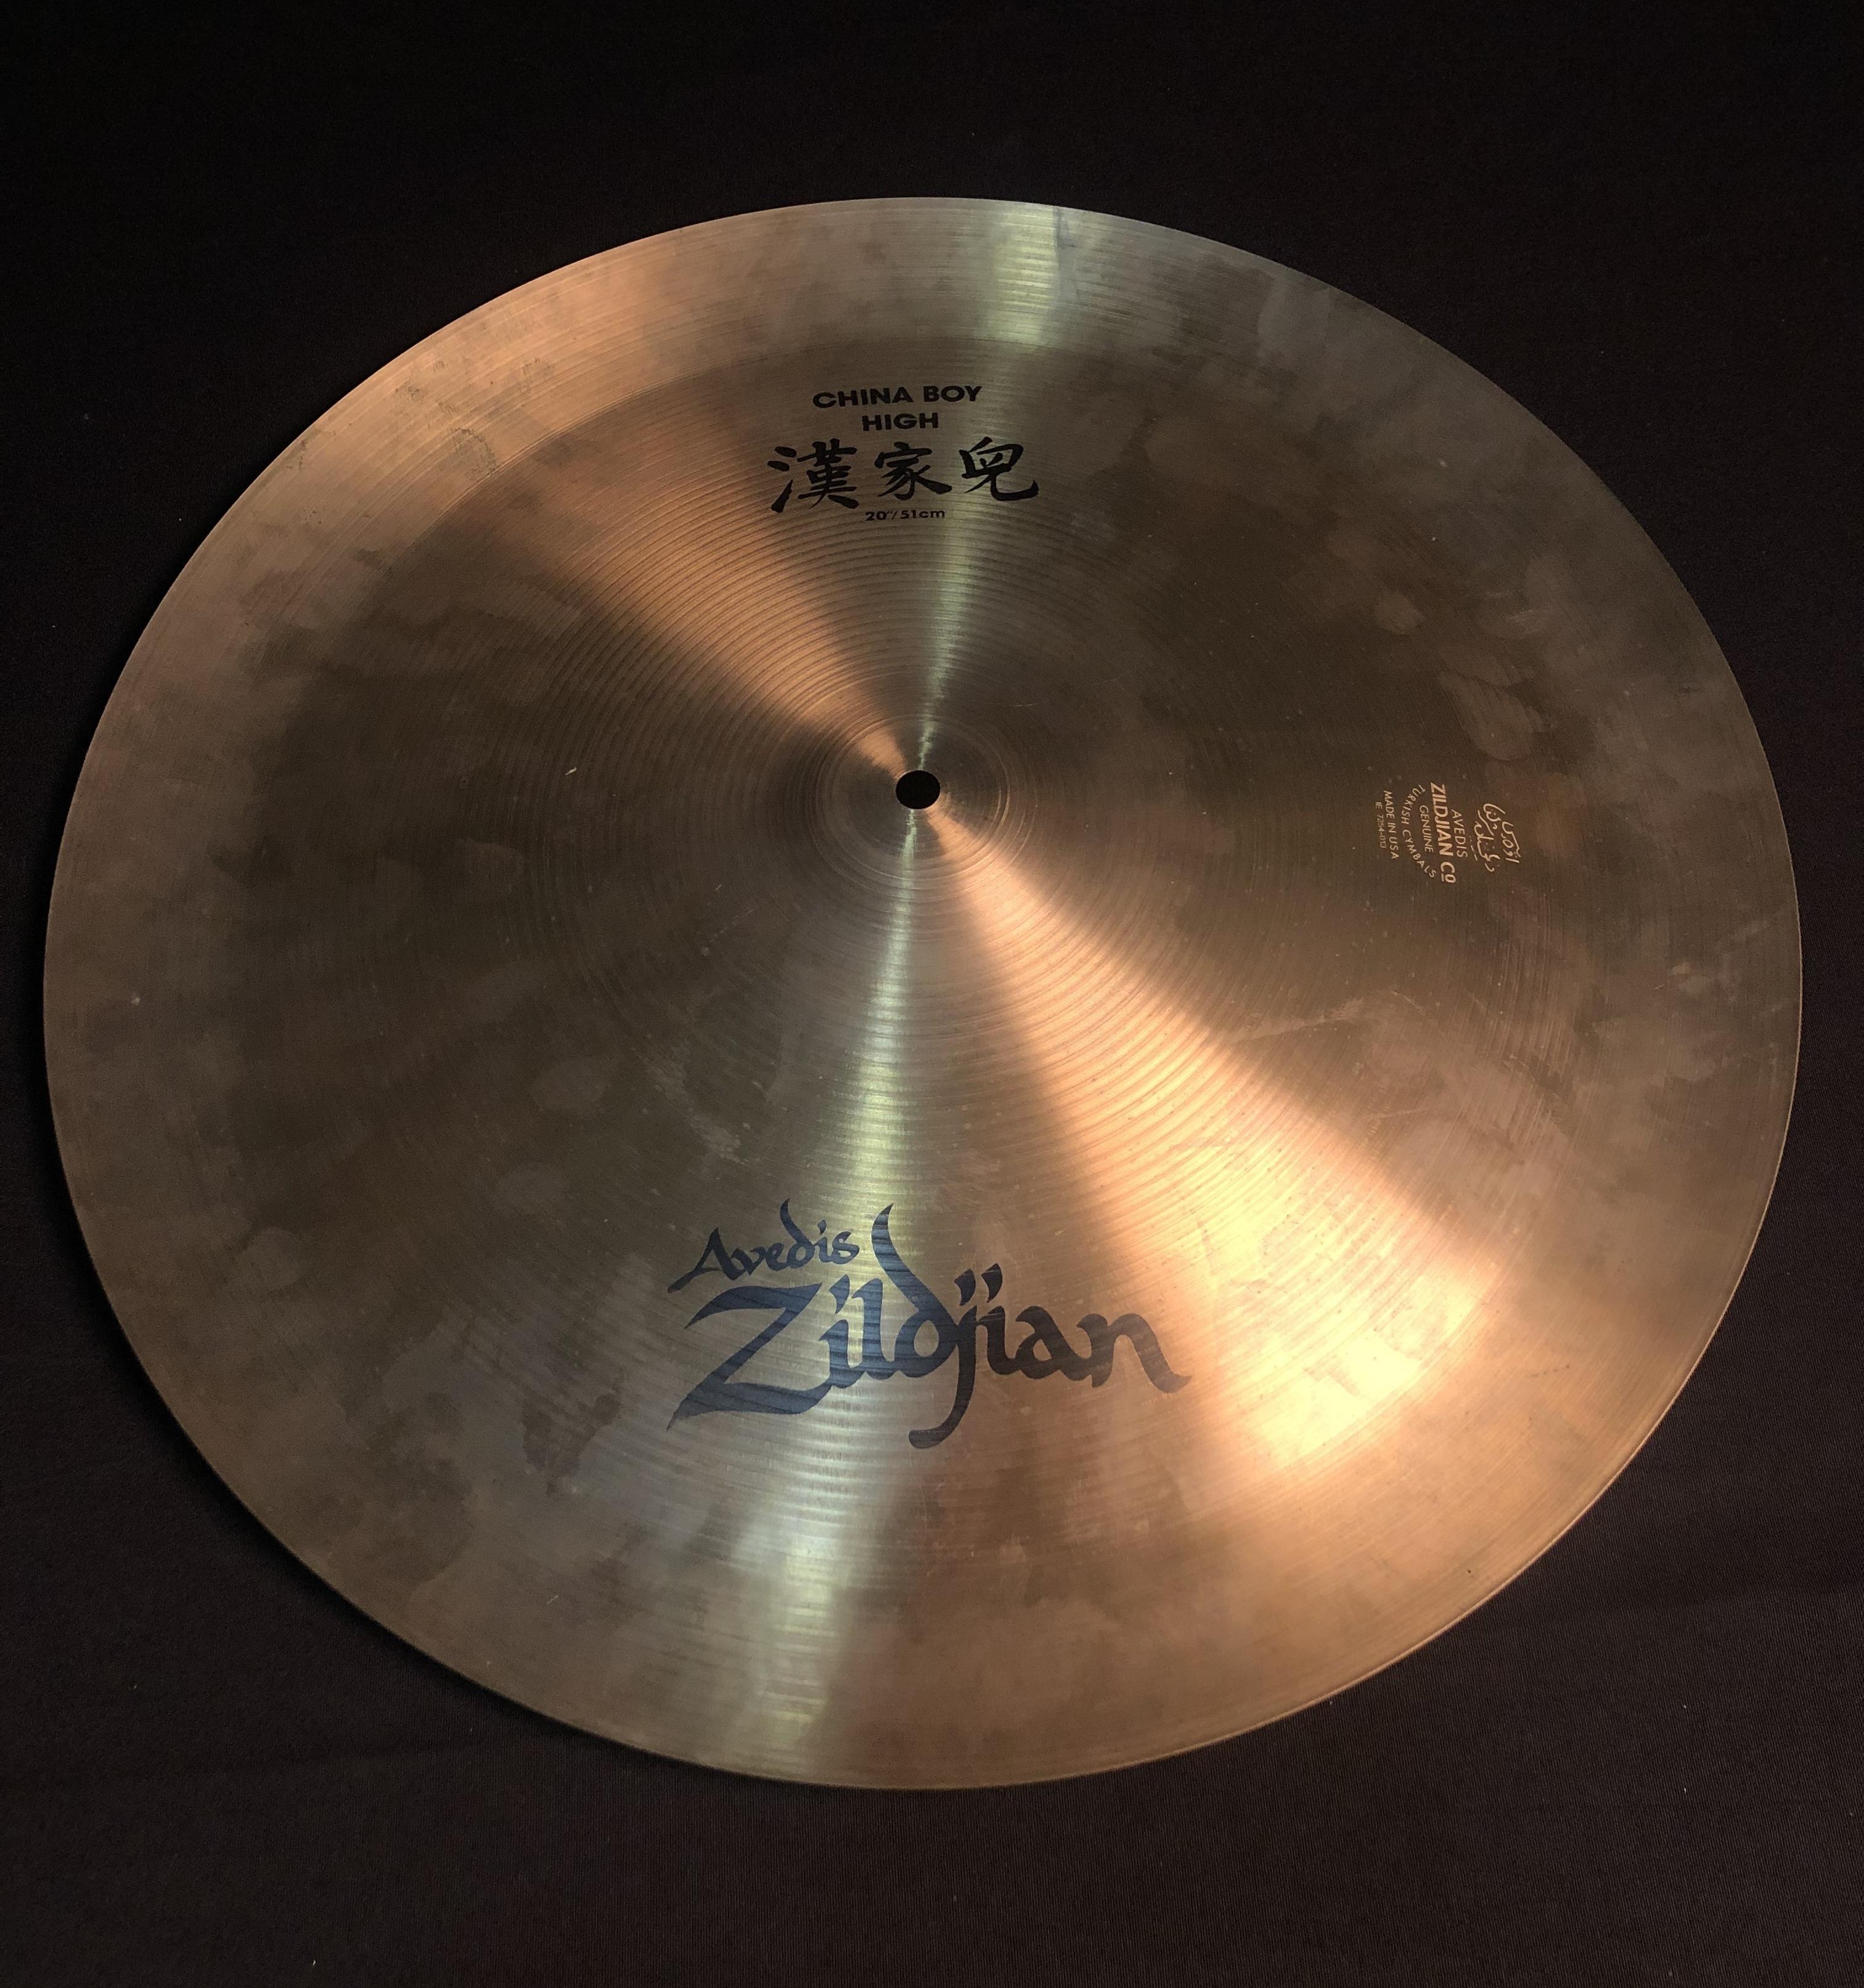 ZILDJIAN - A Series China Boy China Cymbal 20